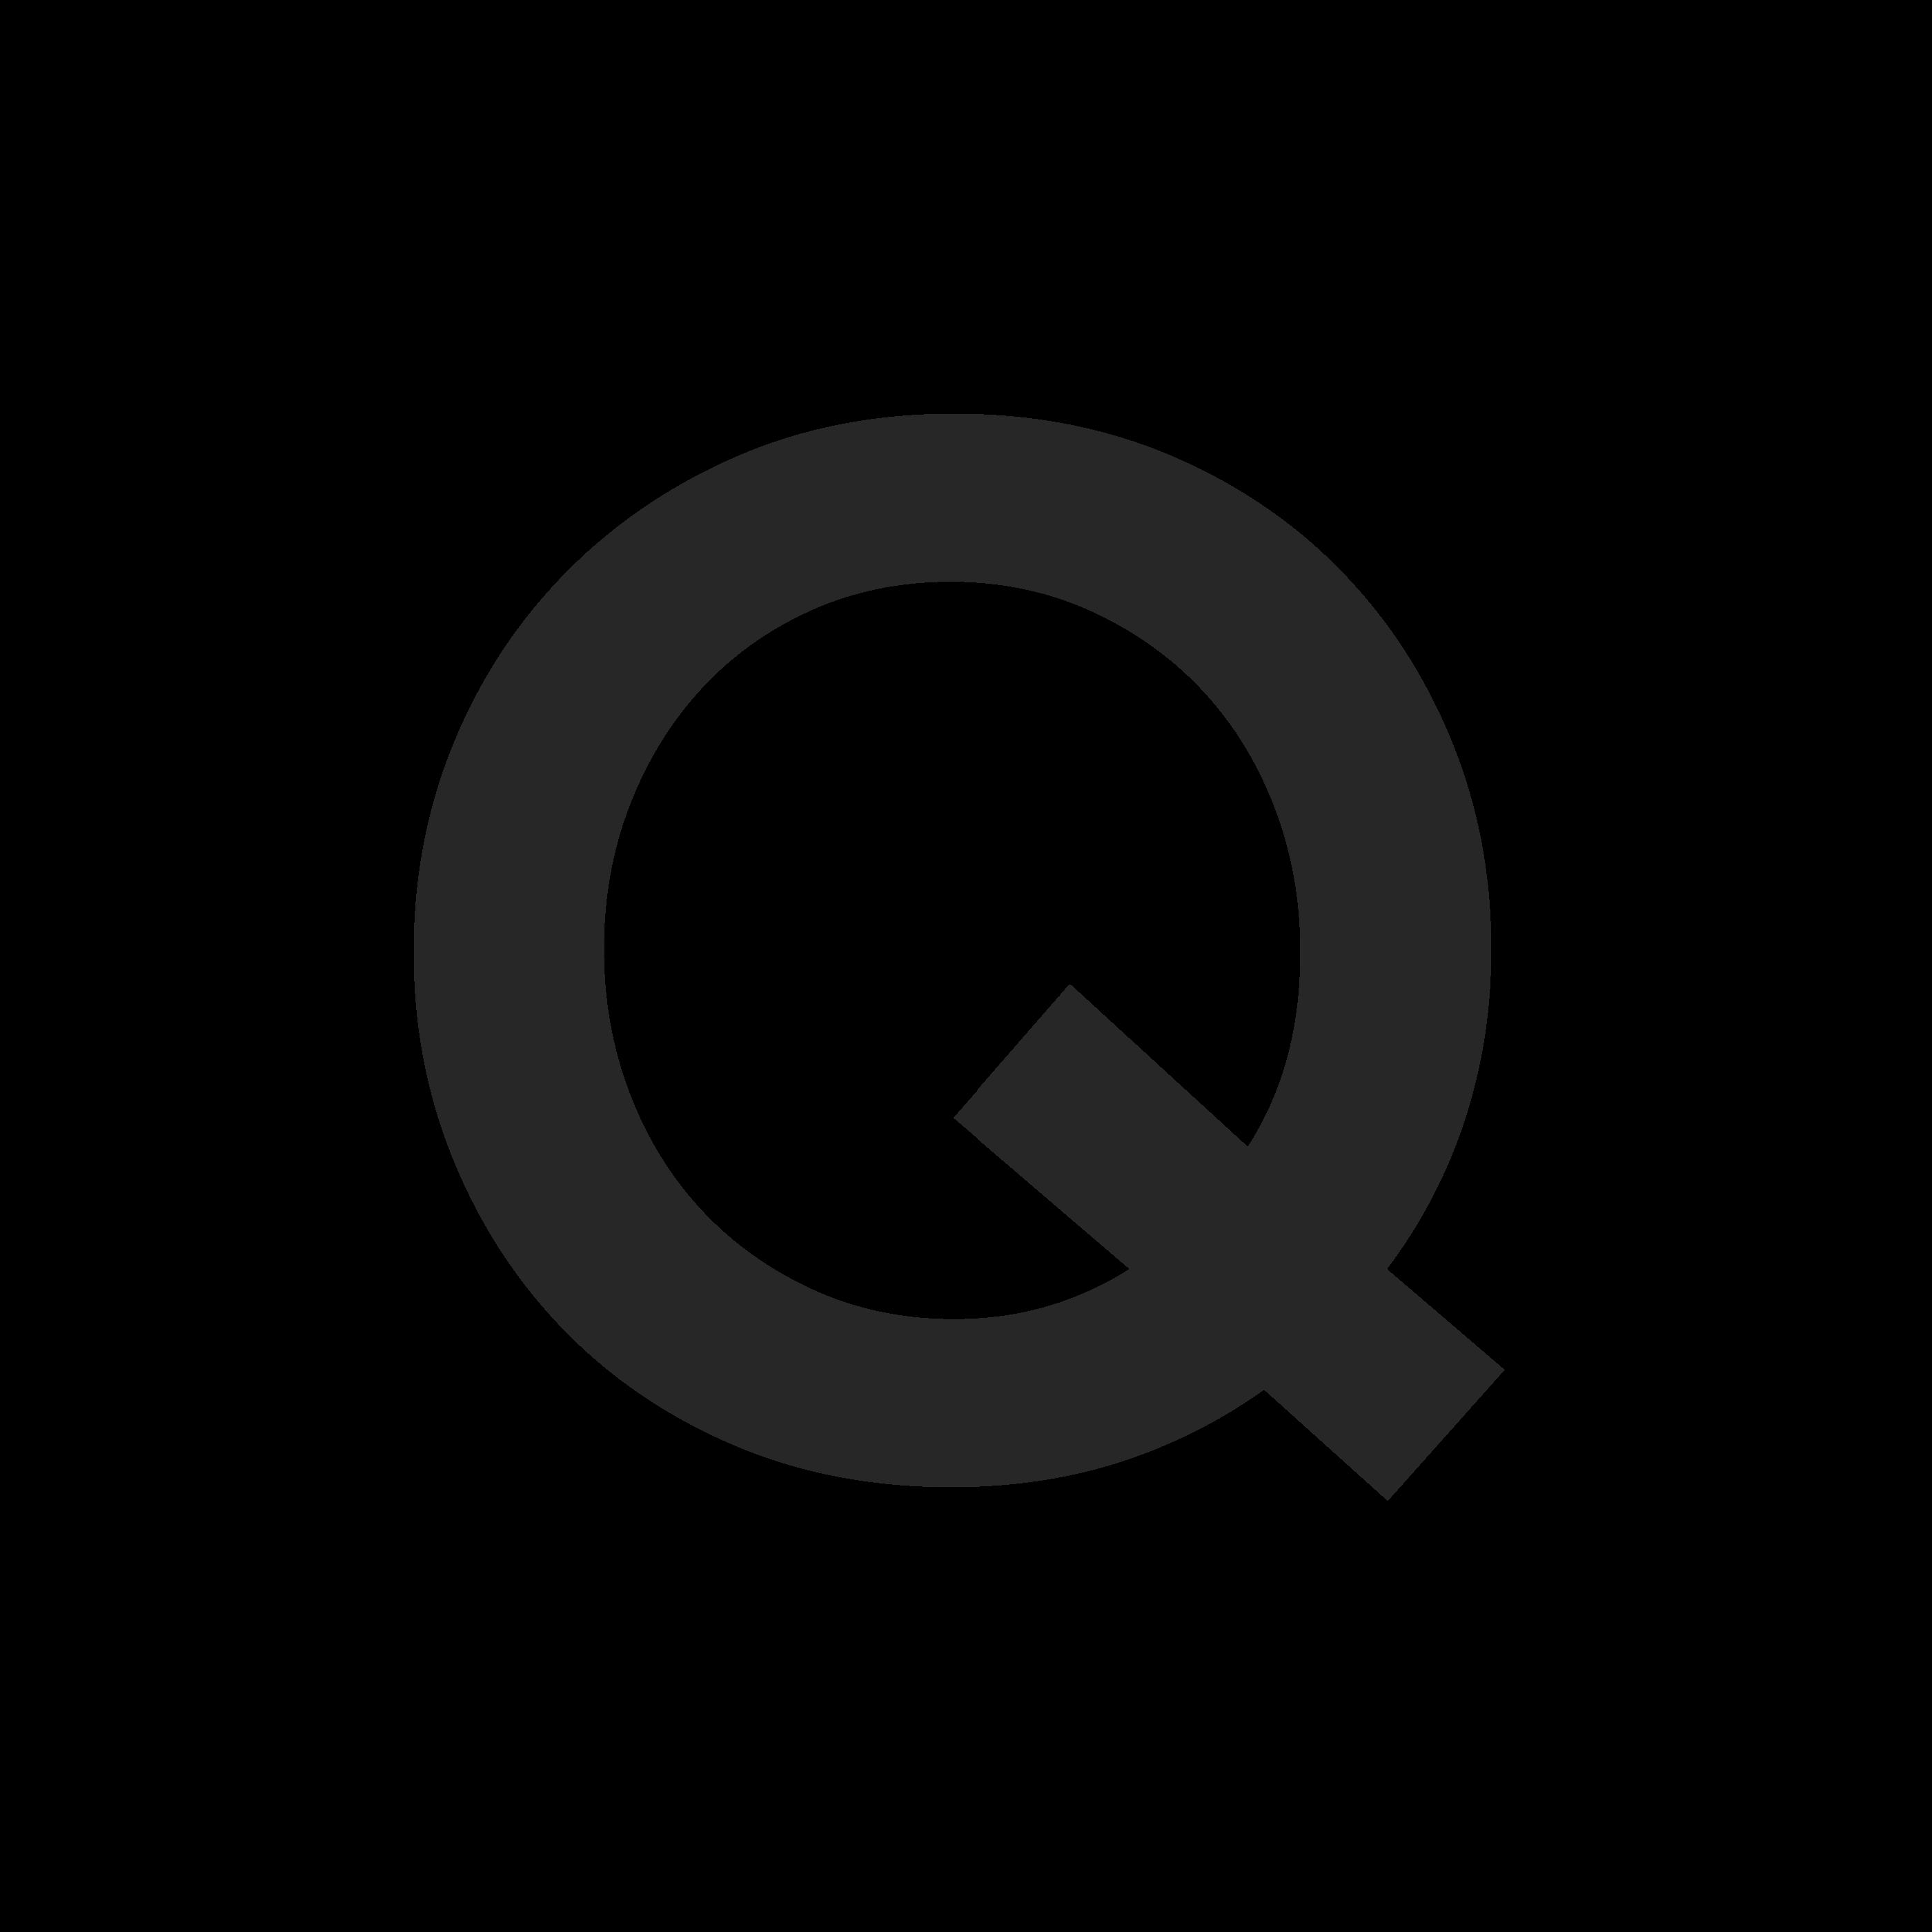 Логотип компании «Qonversion Inc.»